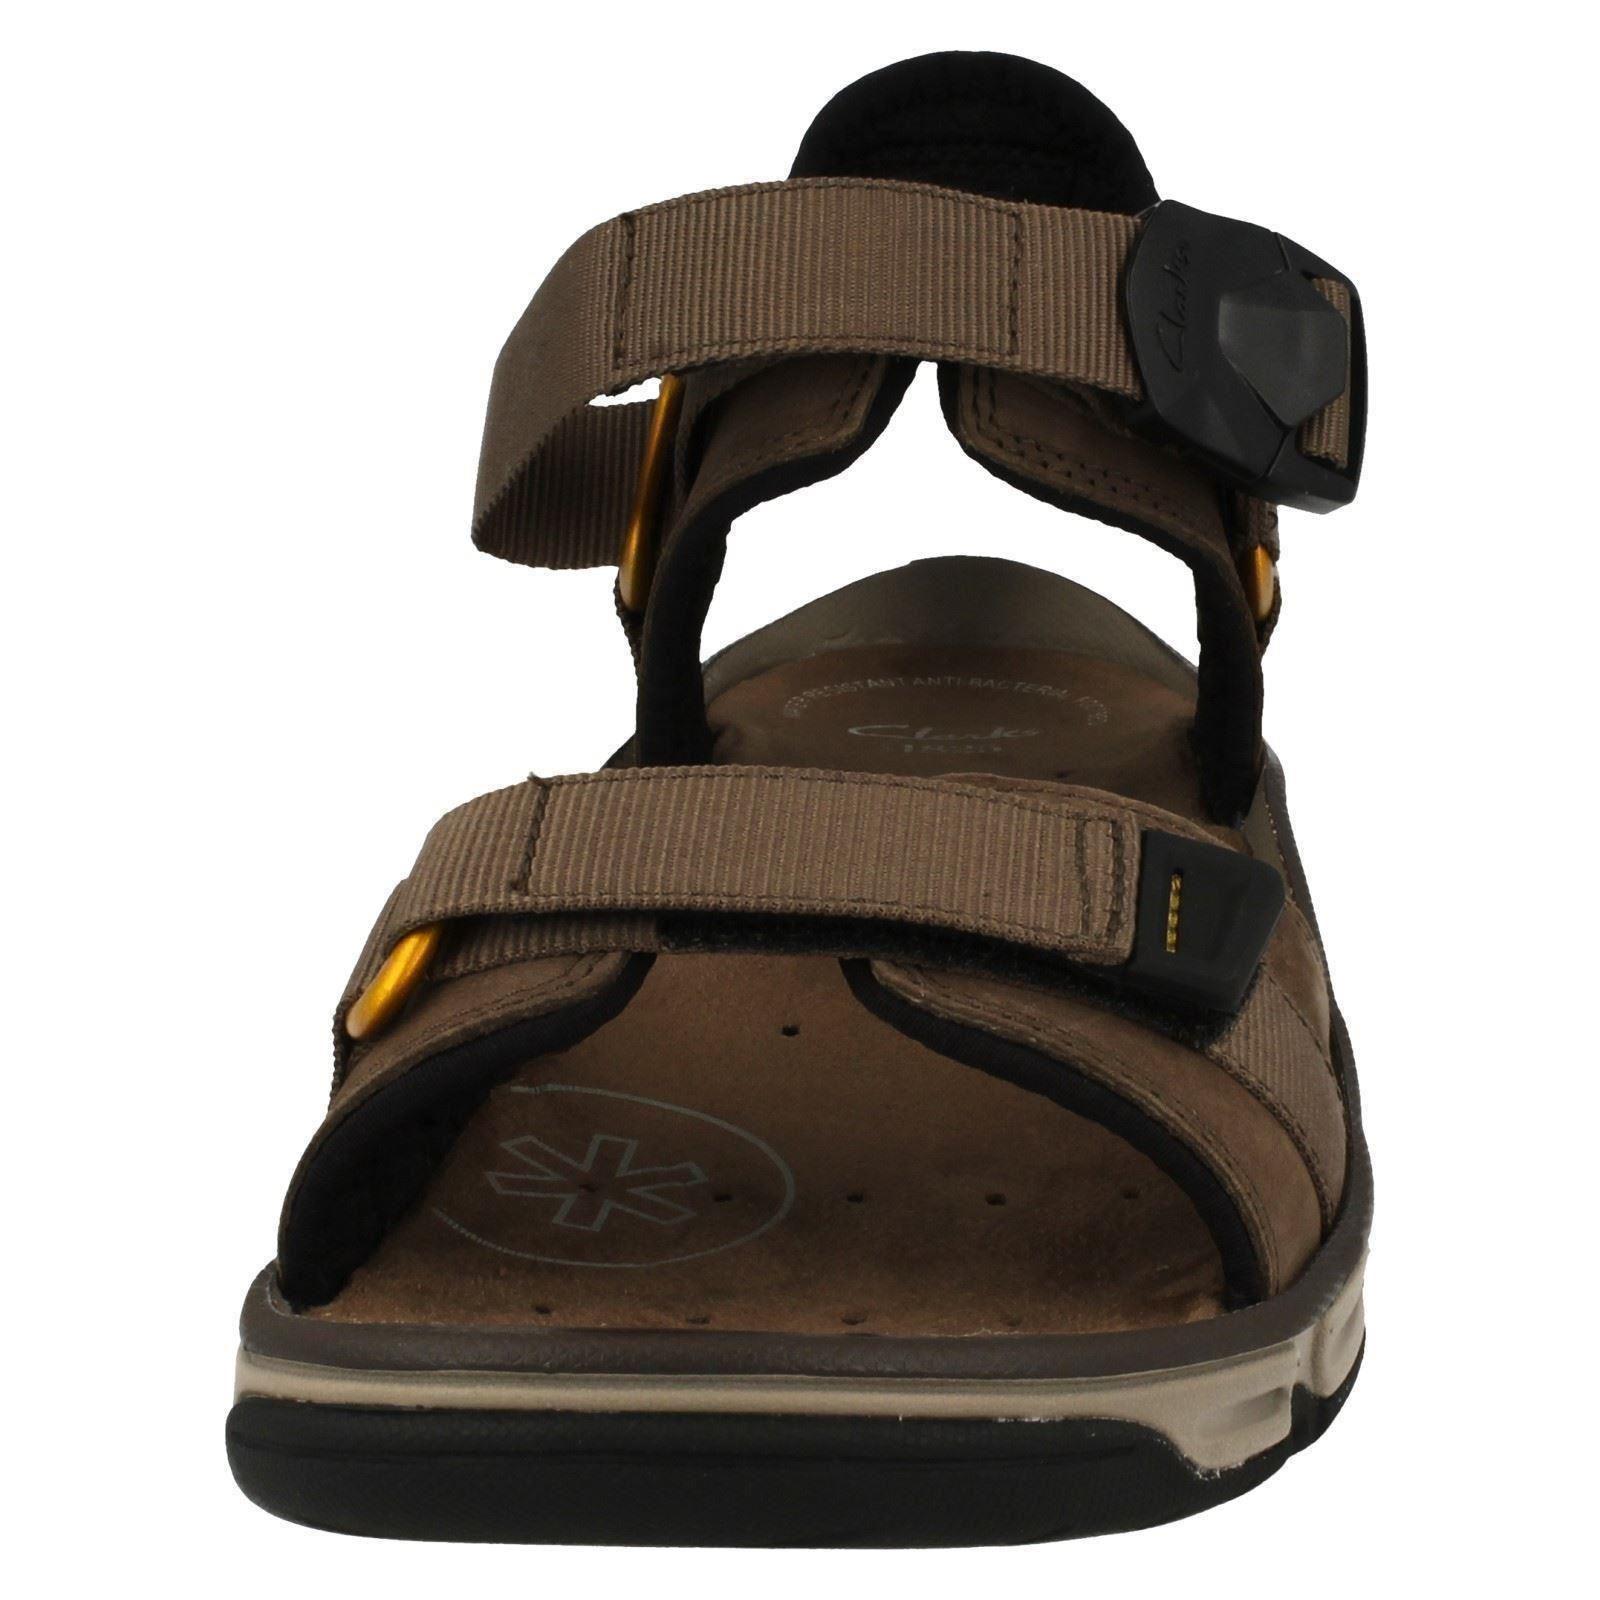 Details about Mens Clarks Casual Open Toe Summer Sandal Explore Part